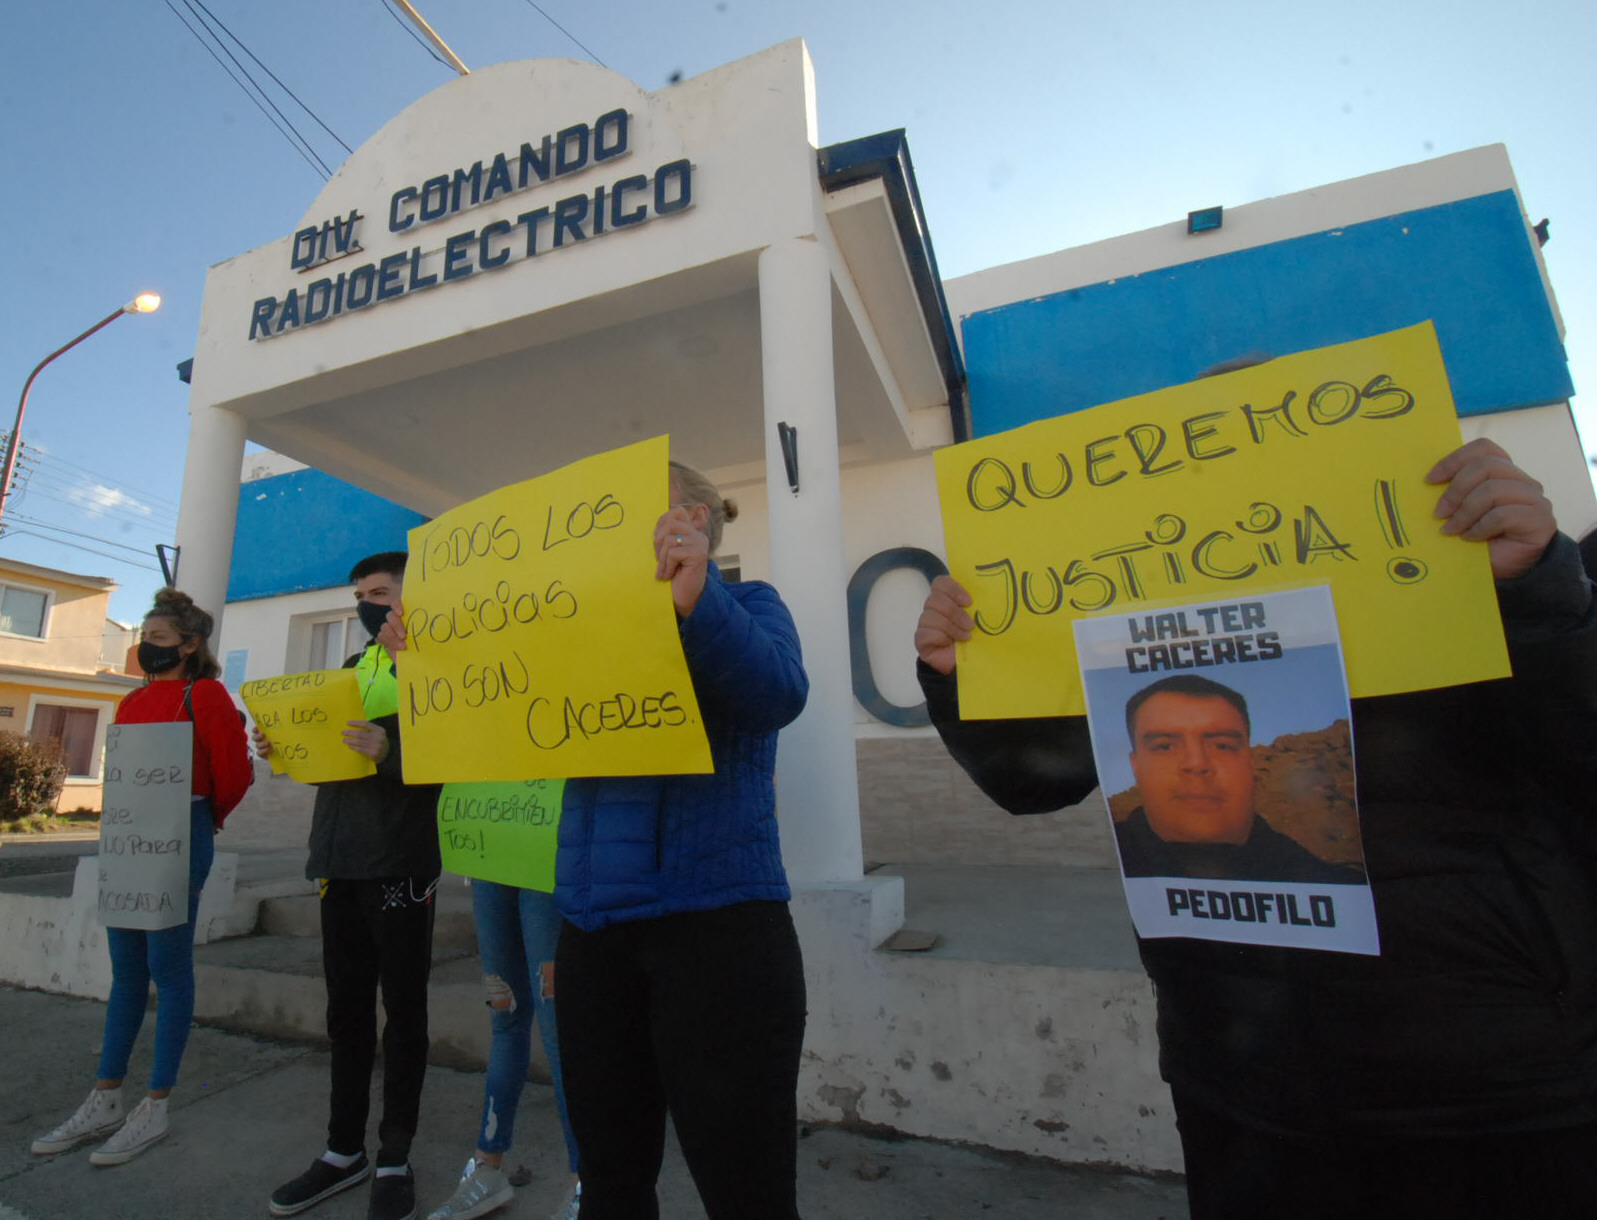 ¡JUSTICIA! DECENAS DE VECINOS ACOMPAÑARON A LA FAMILIA DENUNCIANTE. FOTO: JOSÉ SILVA